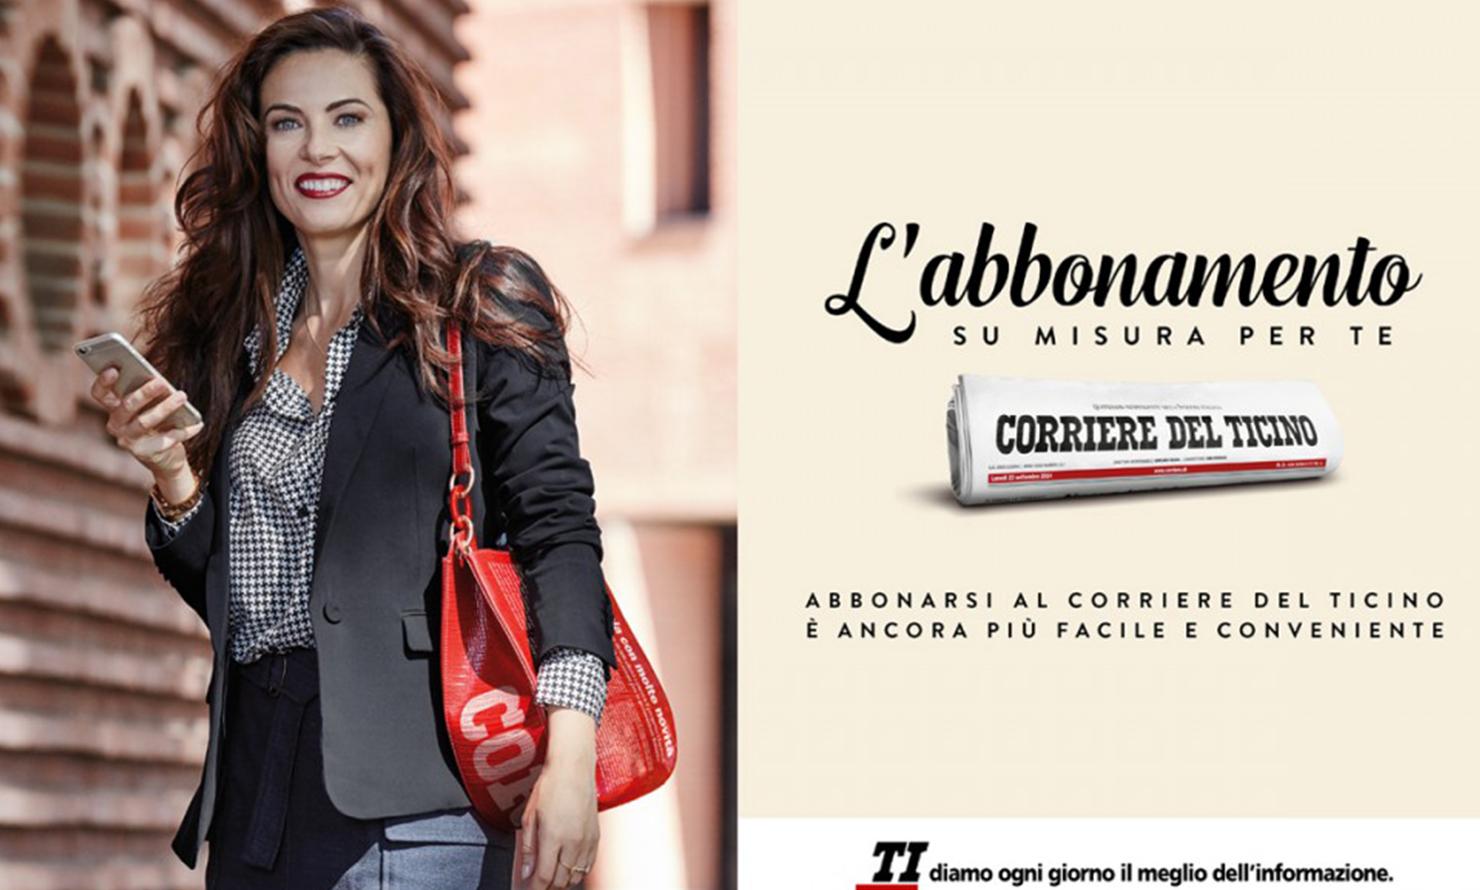 https://www.kubelibre.com/uploads/Slider-work-tutti-clienti/corriere-del-ticino-l-abbonamento-su-misura-per-te-6.jpg